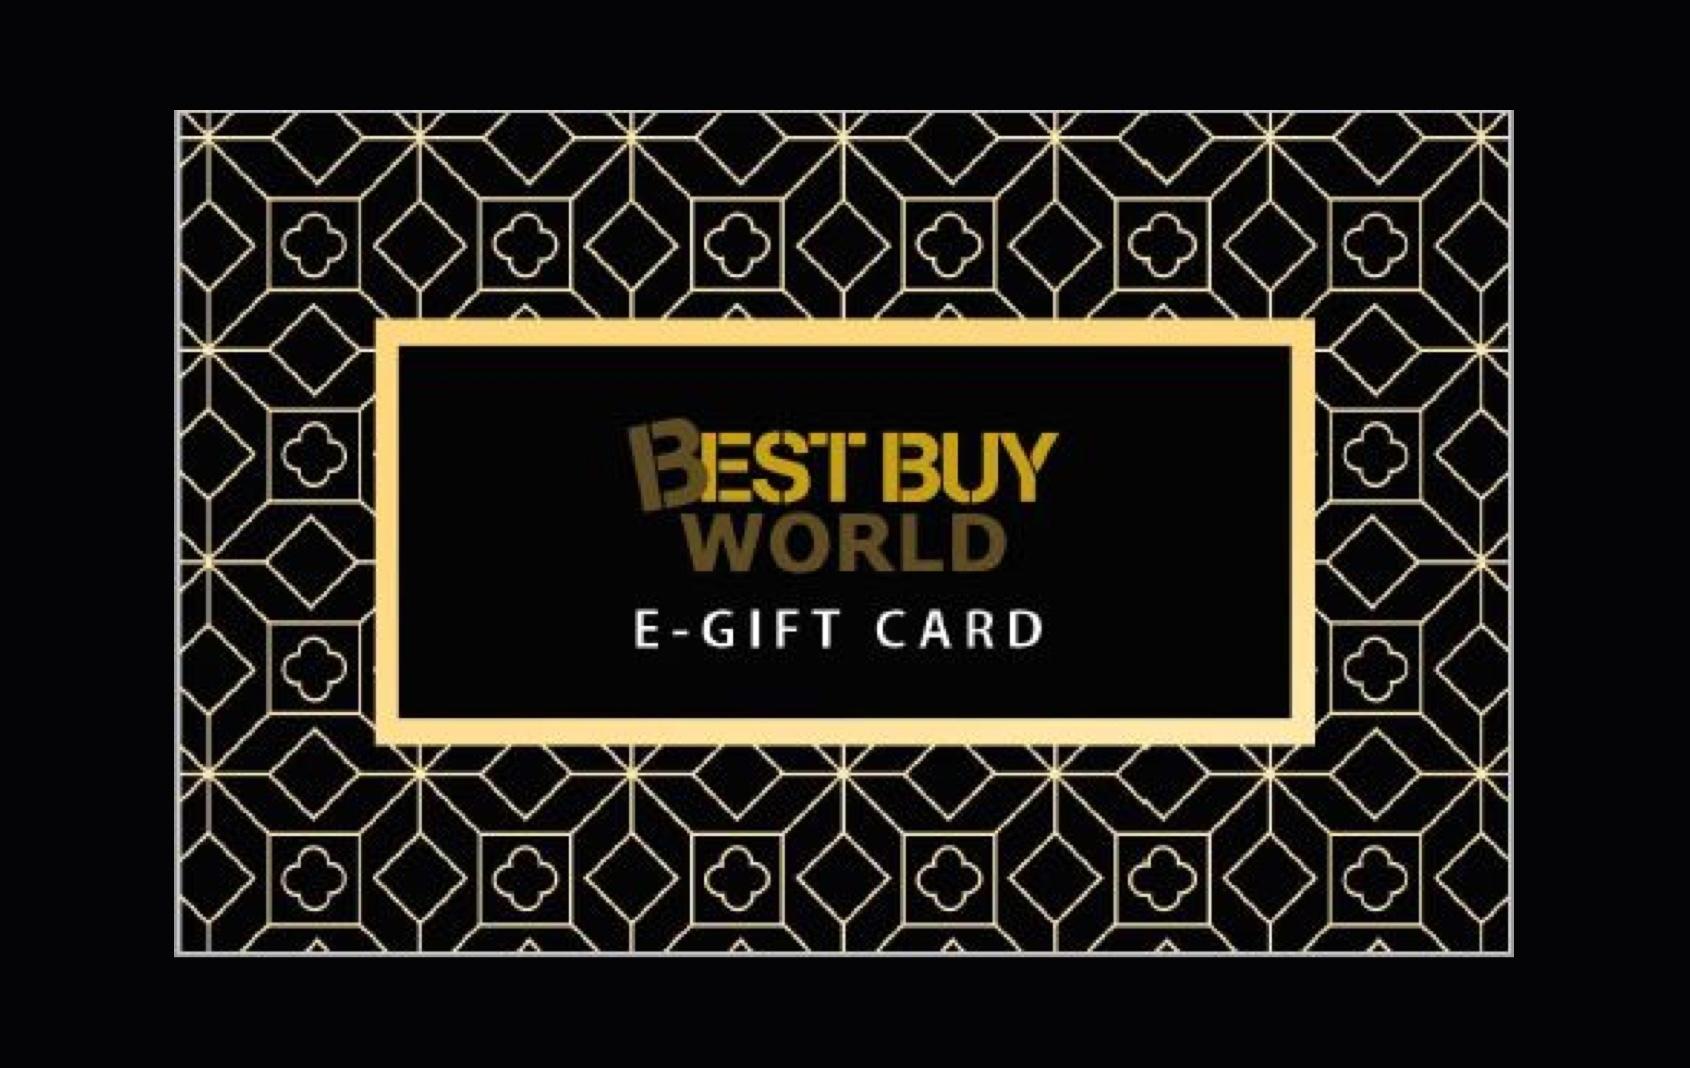 S$50 Best Buy World